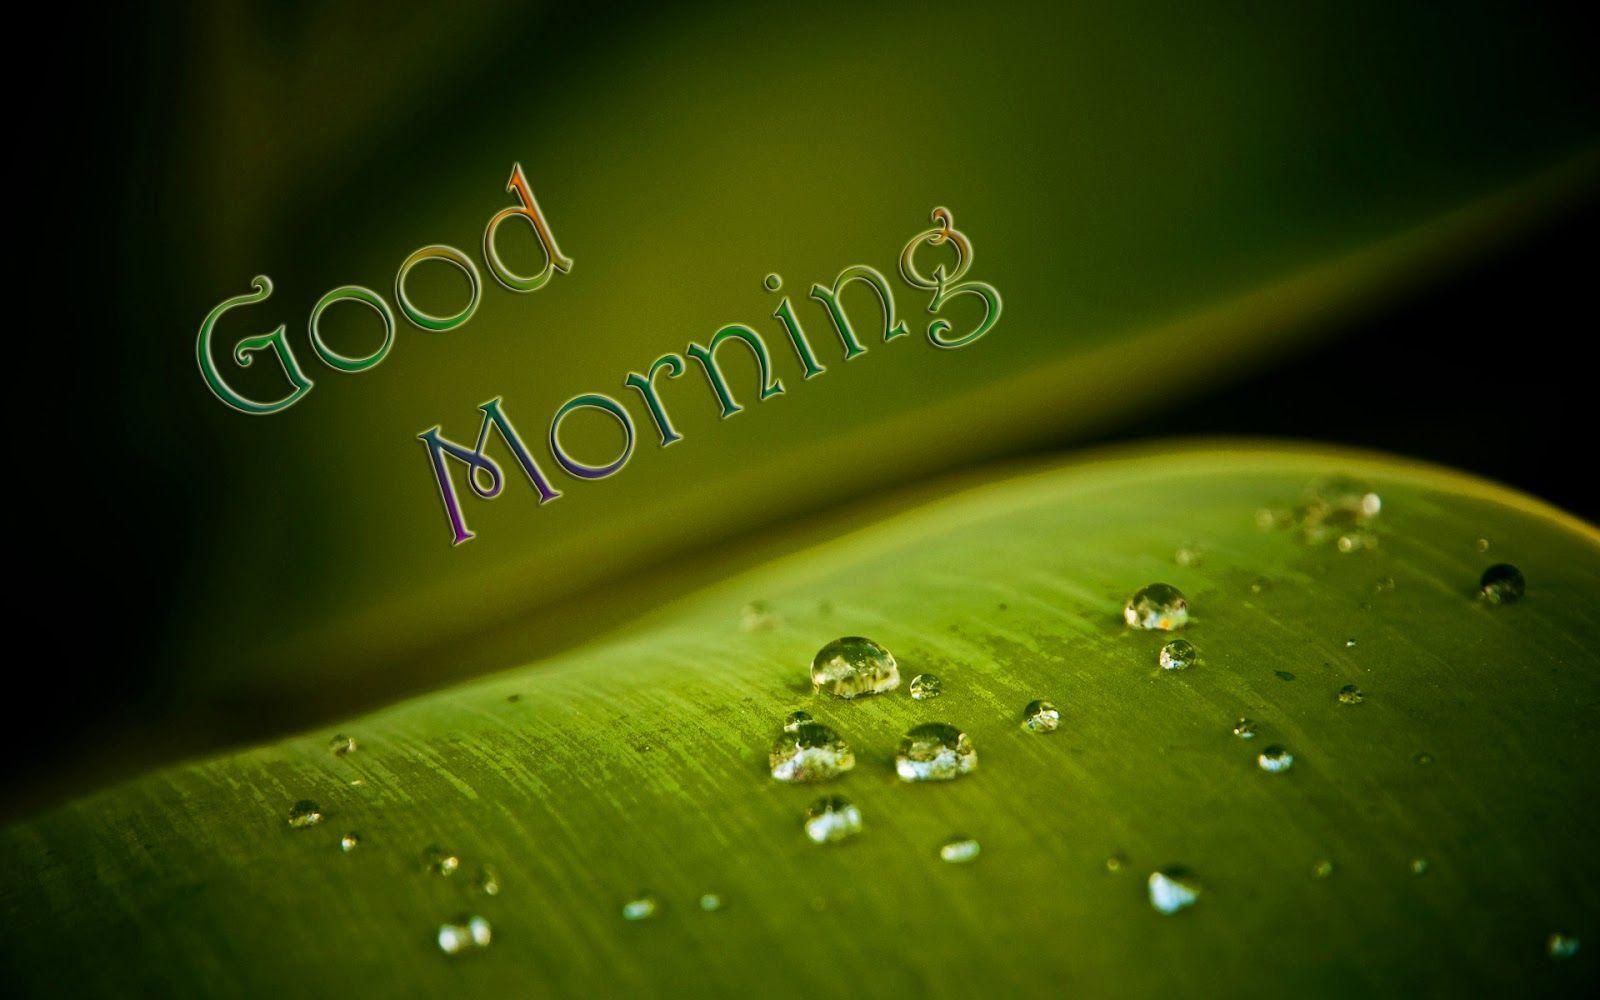 1600x1000 Chào buổi sáng - Chào buổi sáng đẹp HD - 1600x1000 - Tải xuống Hình nền HD